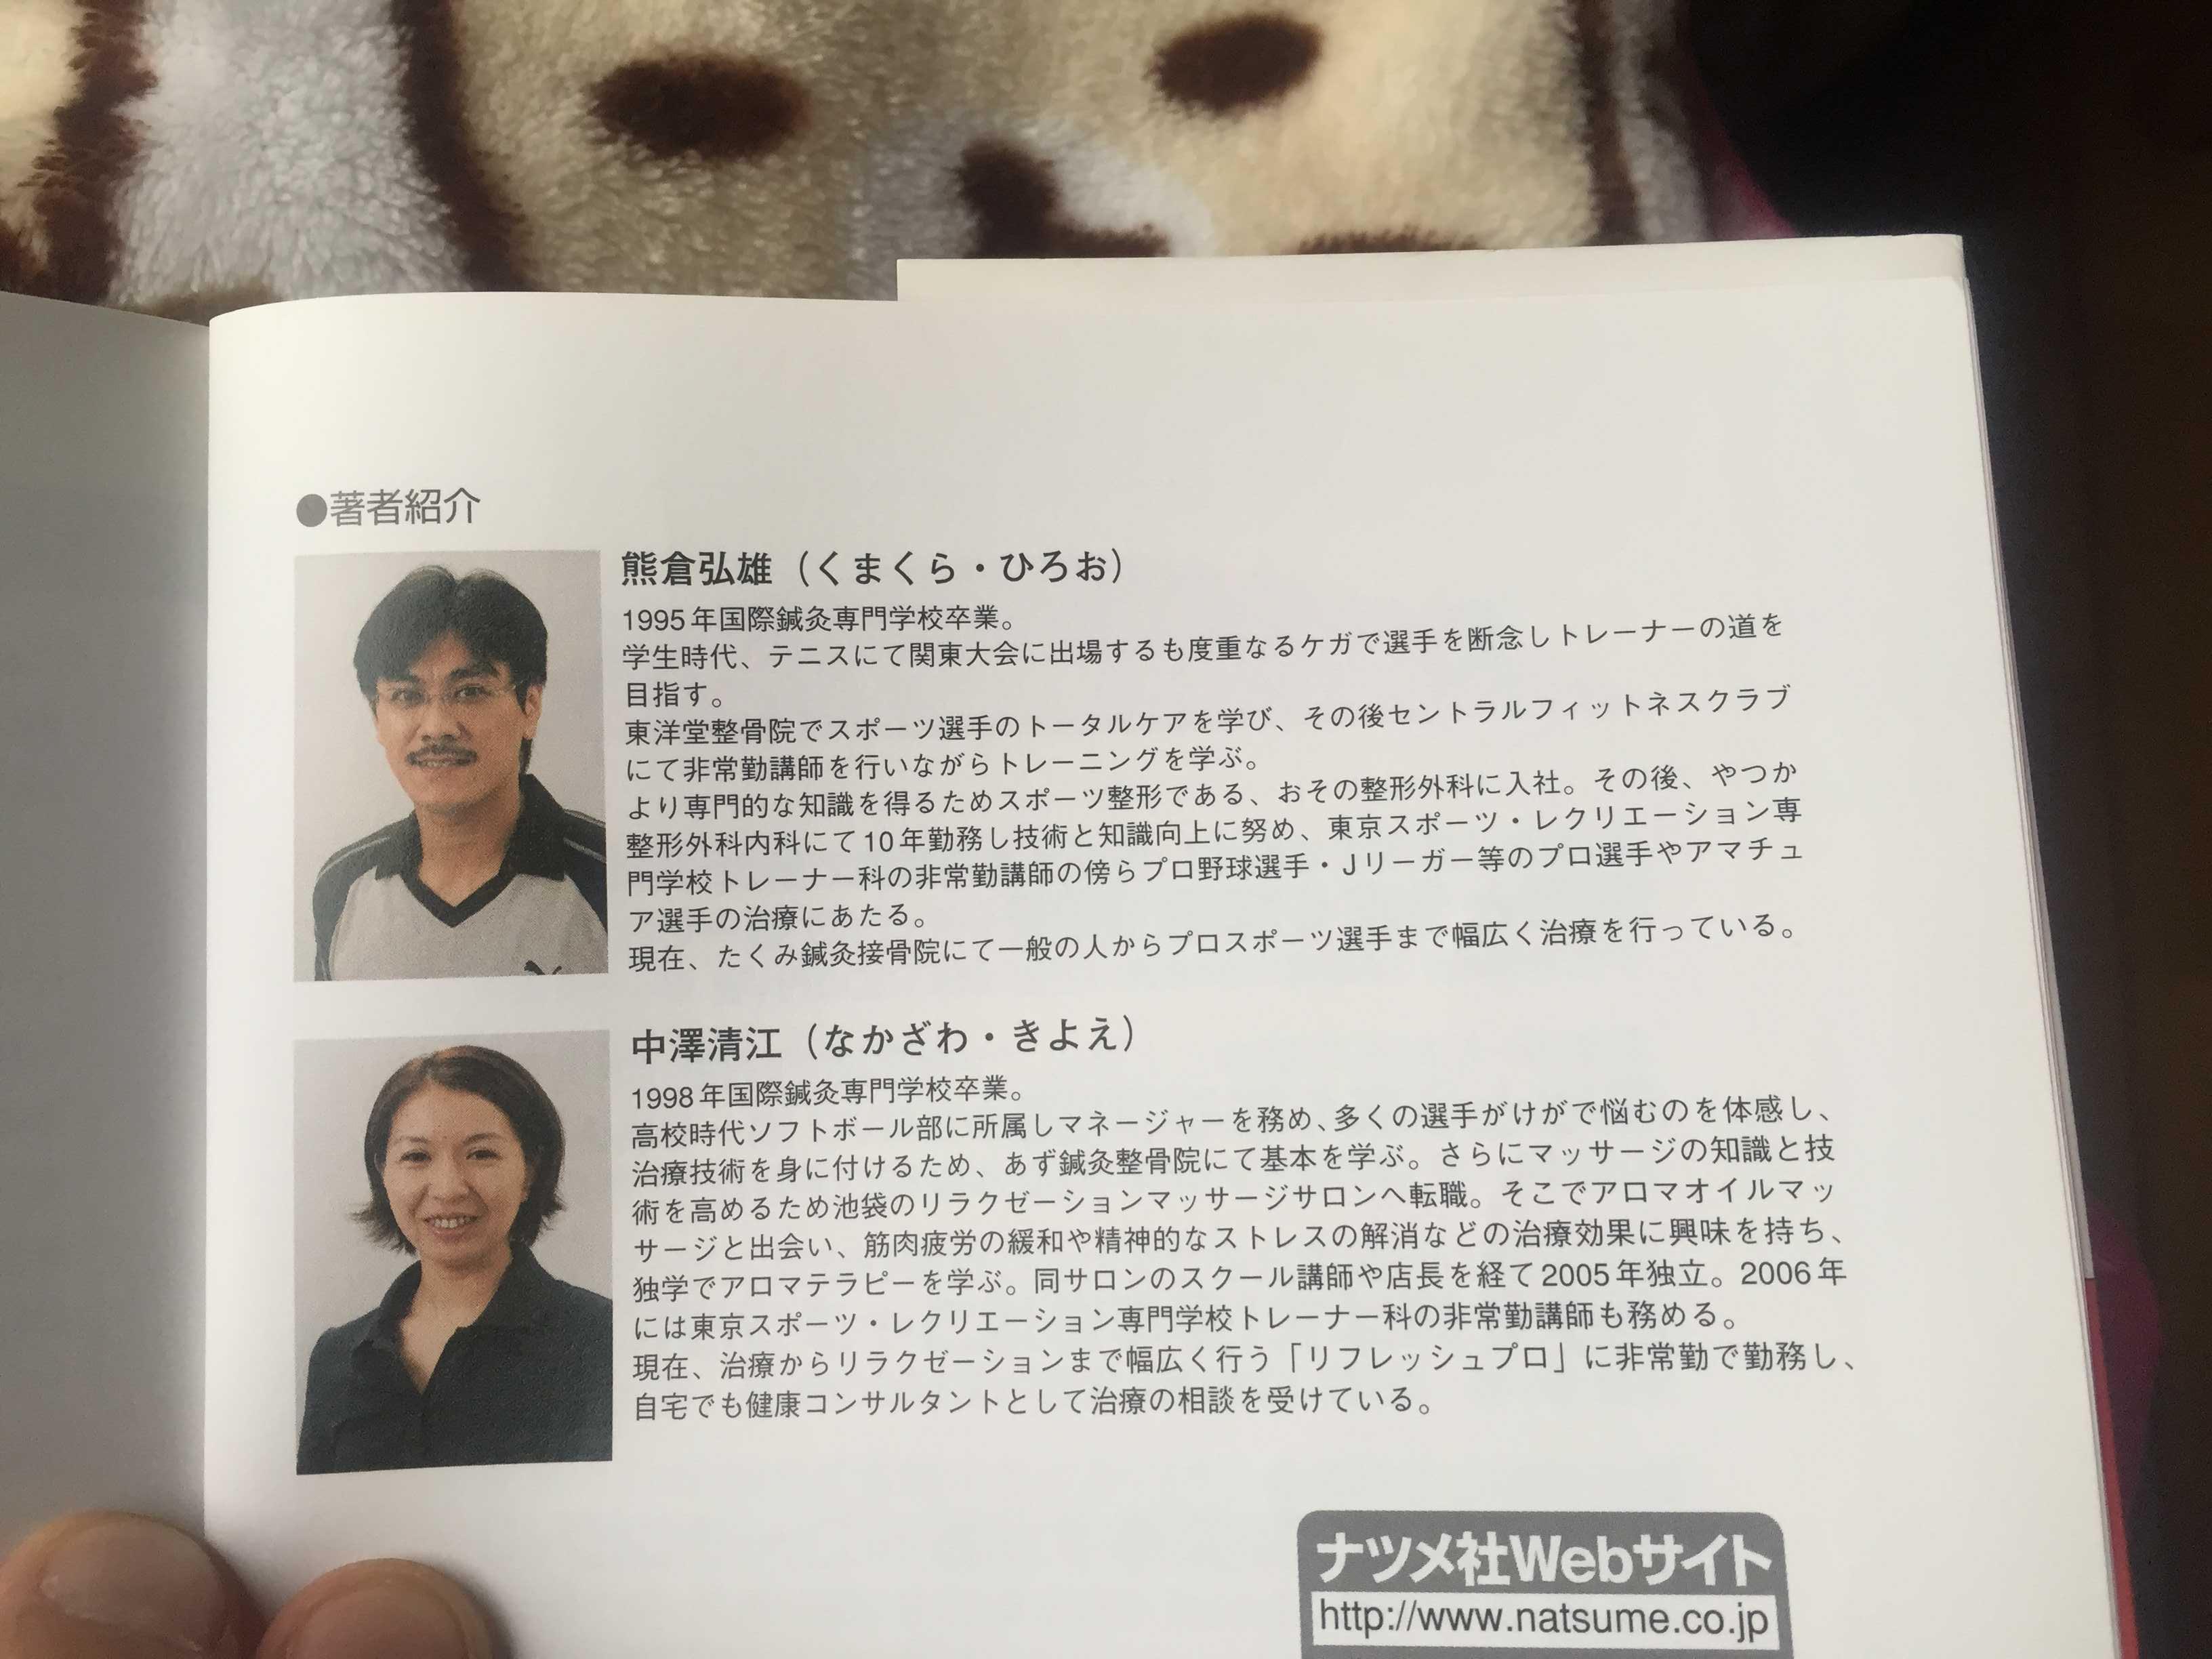 熊倉弘雄+中澤清江 - スケルトン写真でよくわかるスポーツ★マッサージ